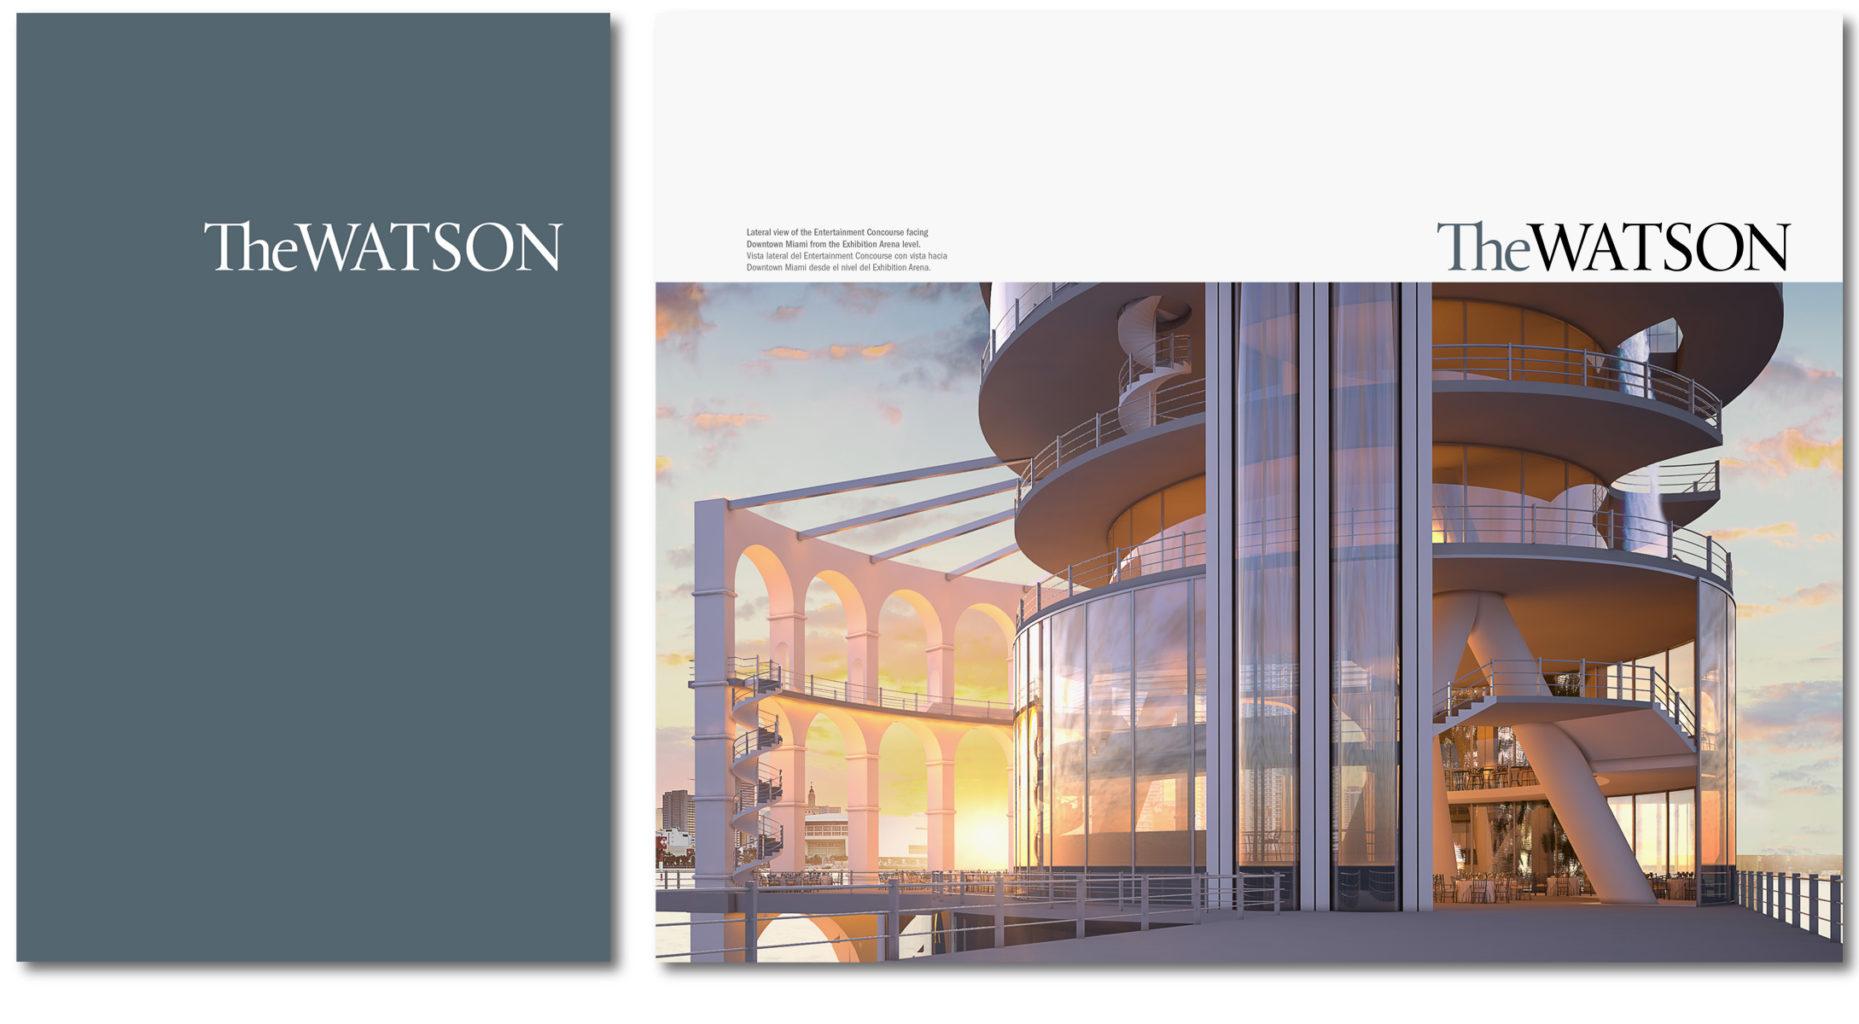 TheWatson01 - The Watson